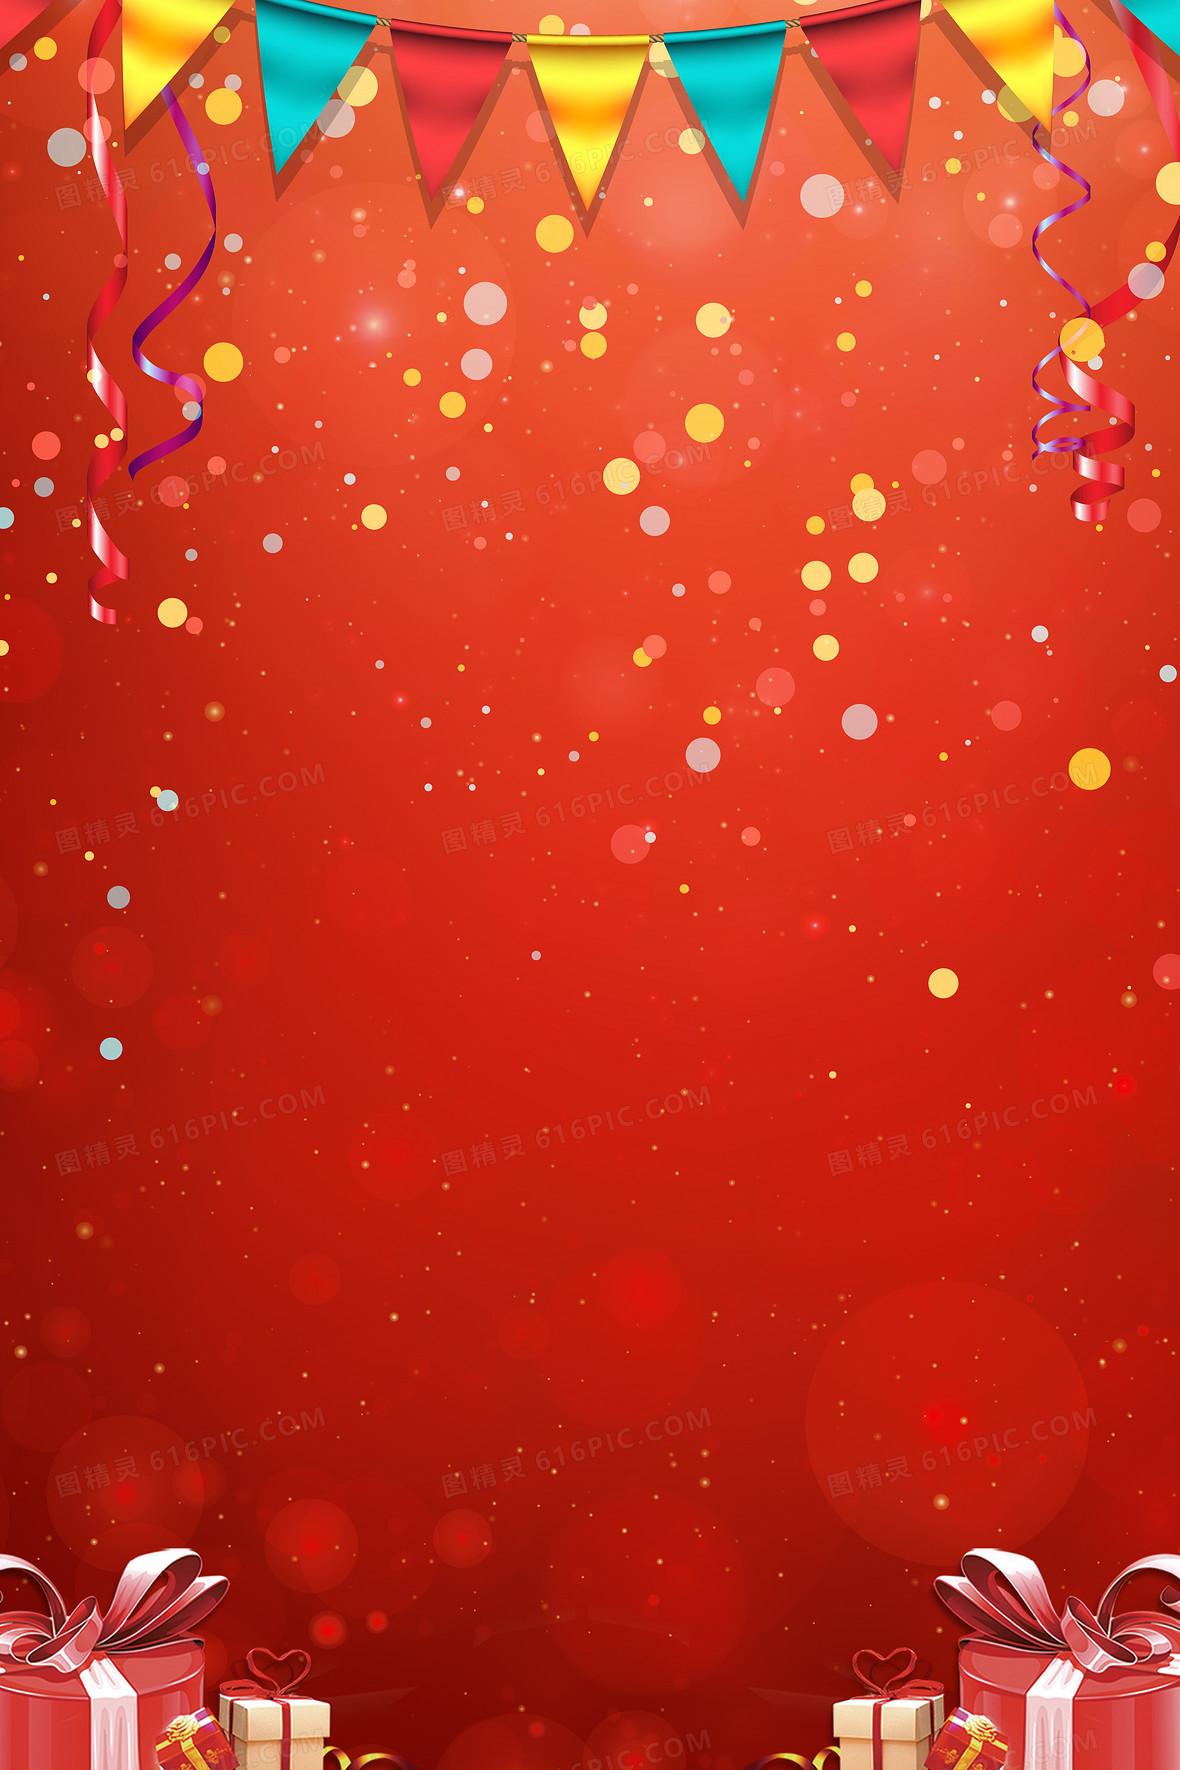 红色激情狂欢会员日活动海报背景素材